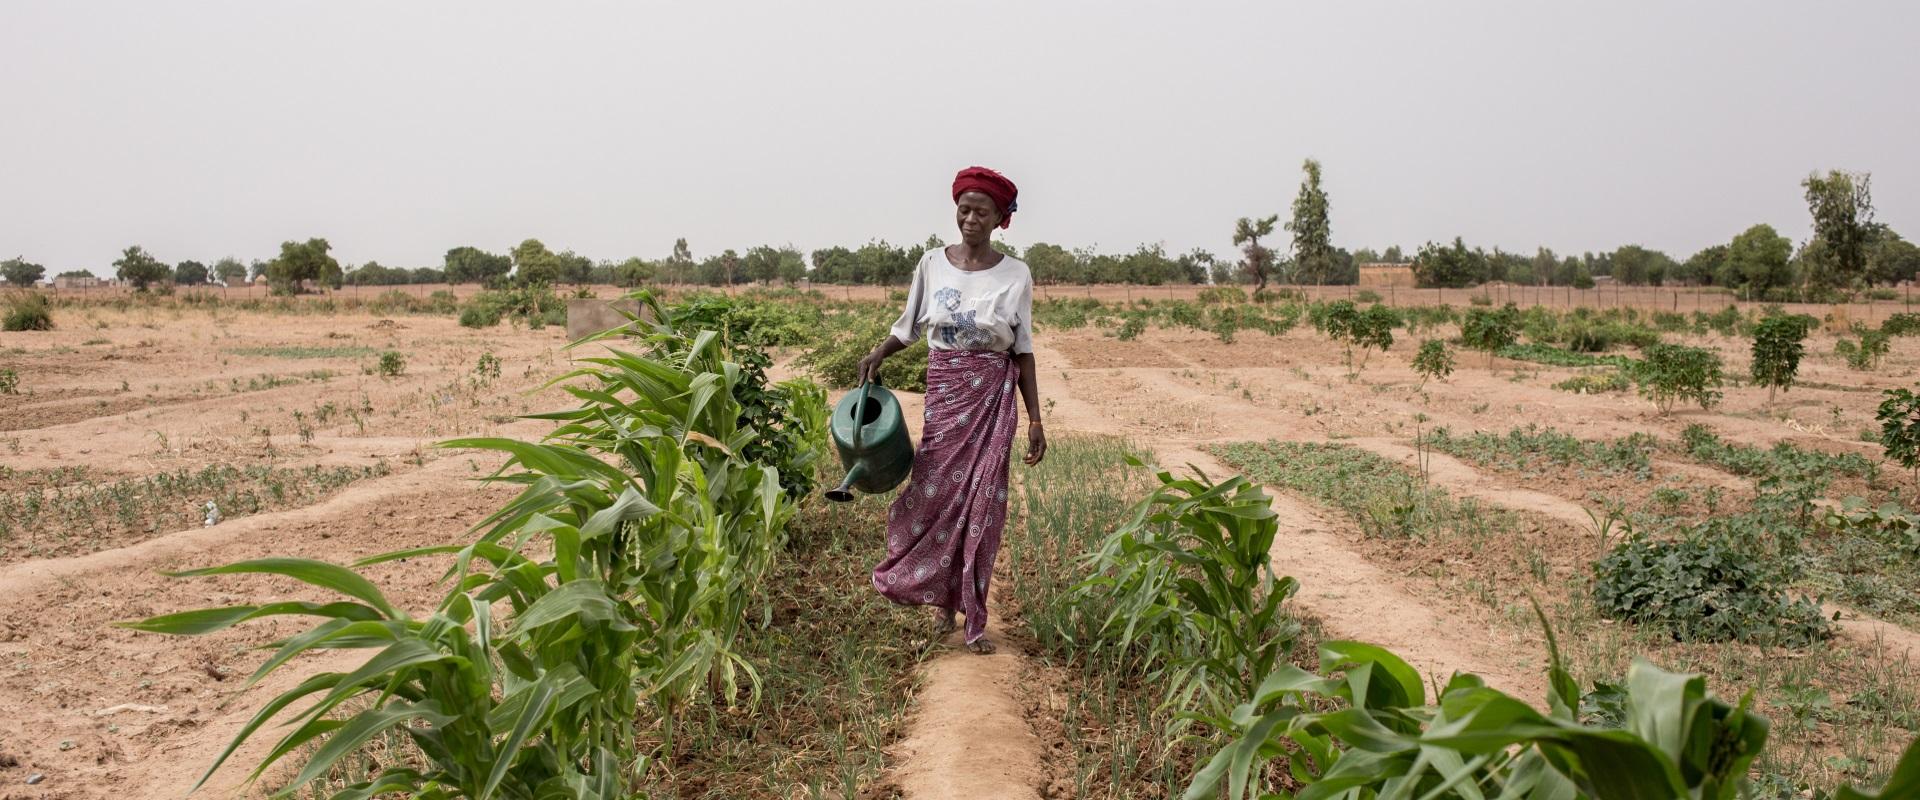 2354 sicurezza alimentare donne giovani mani tese 2019